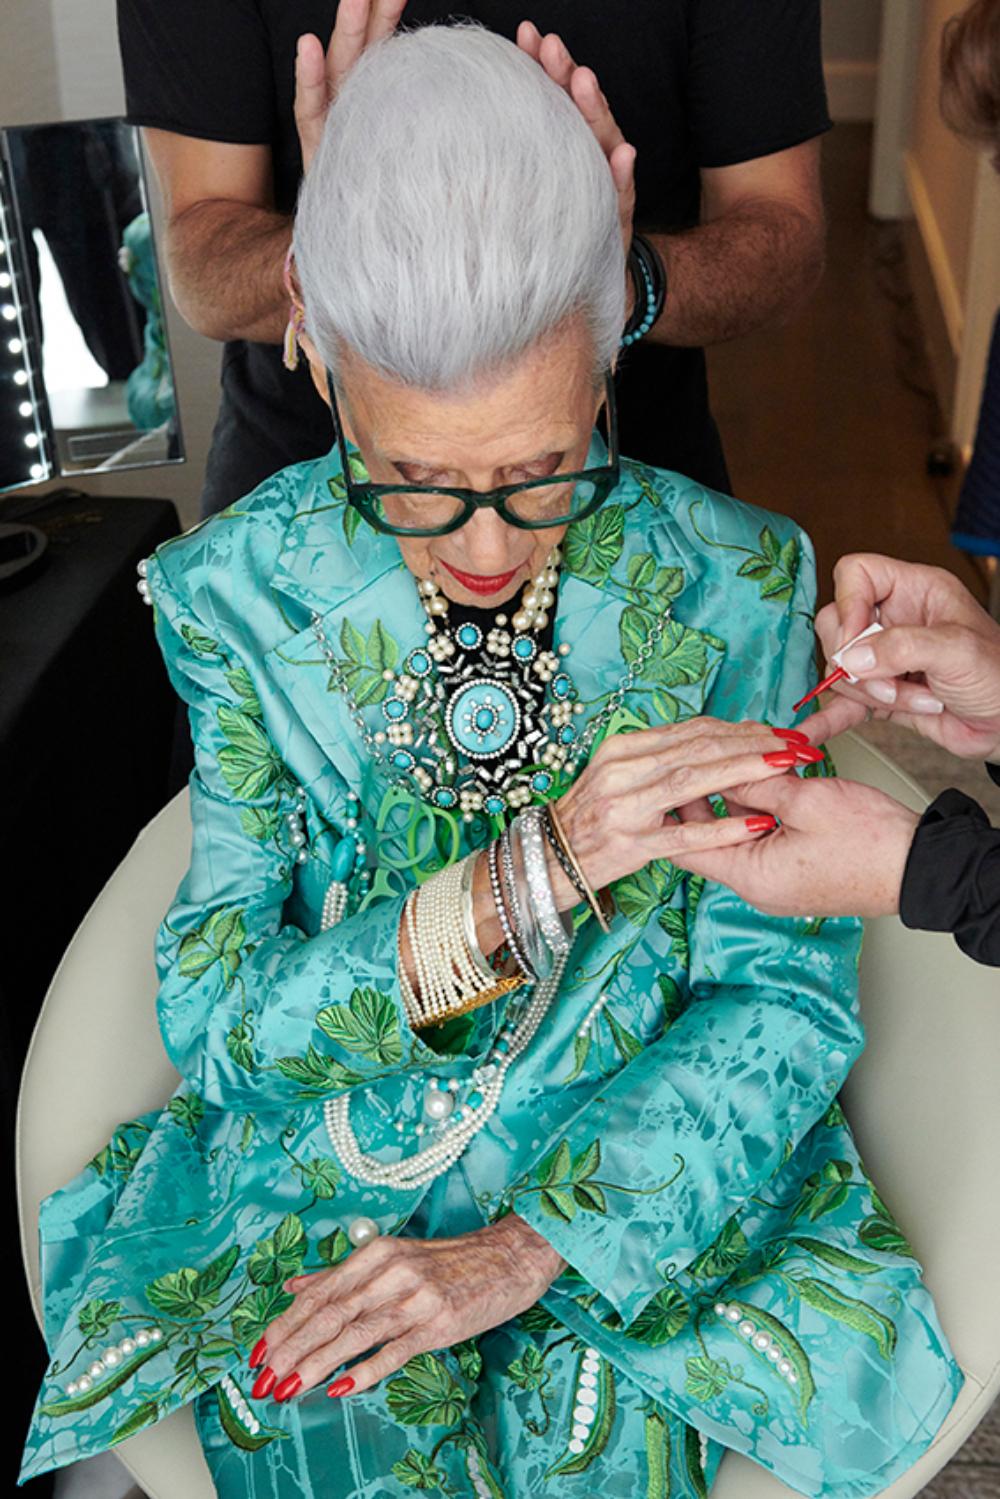 HM IRIS APFEL 2 1 H&M najavljuje saradnju sa modnom ikonom Iris Apfel u čast 100 godina njenog života i inspiracije